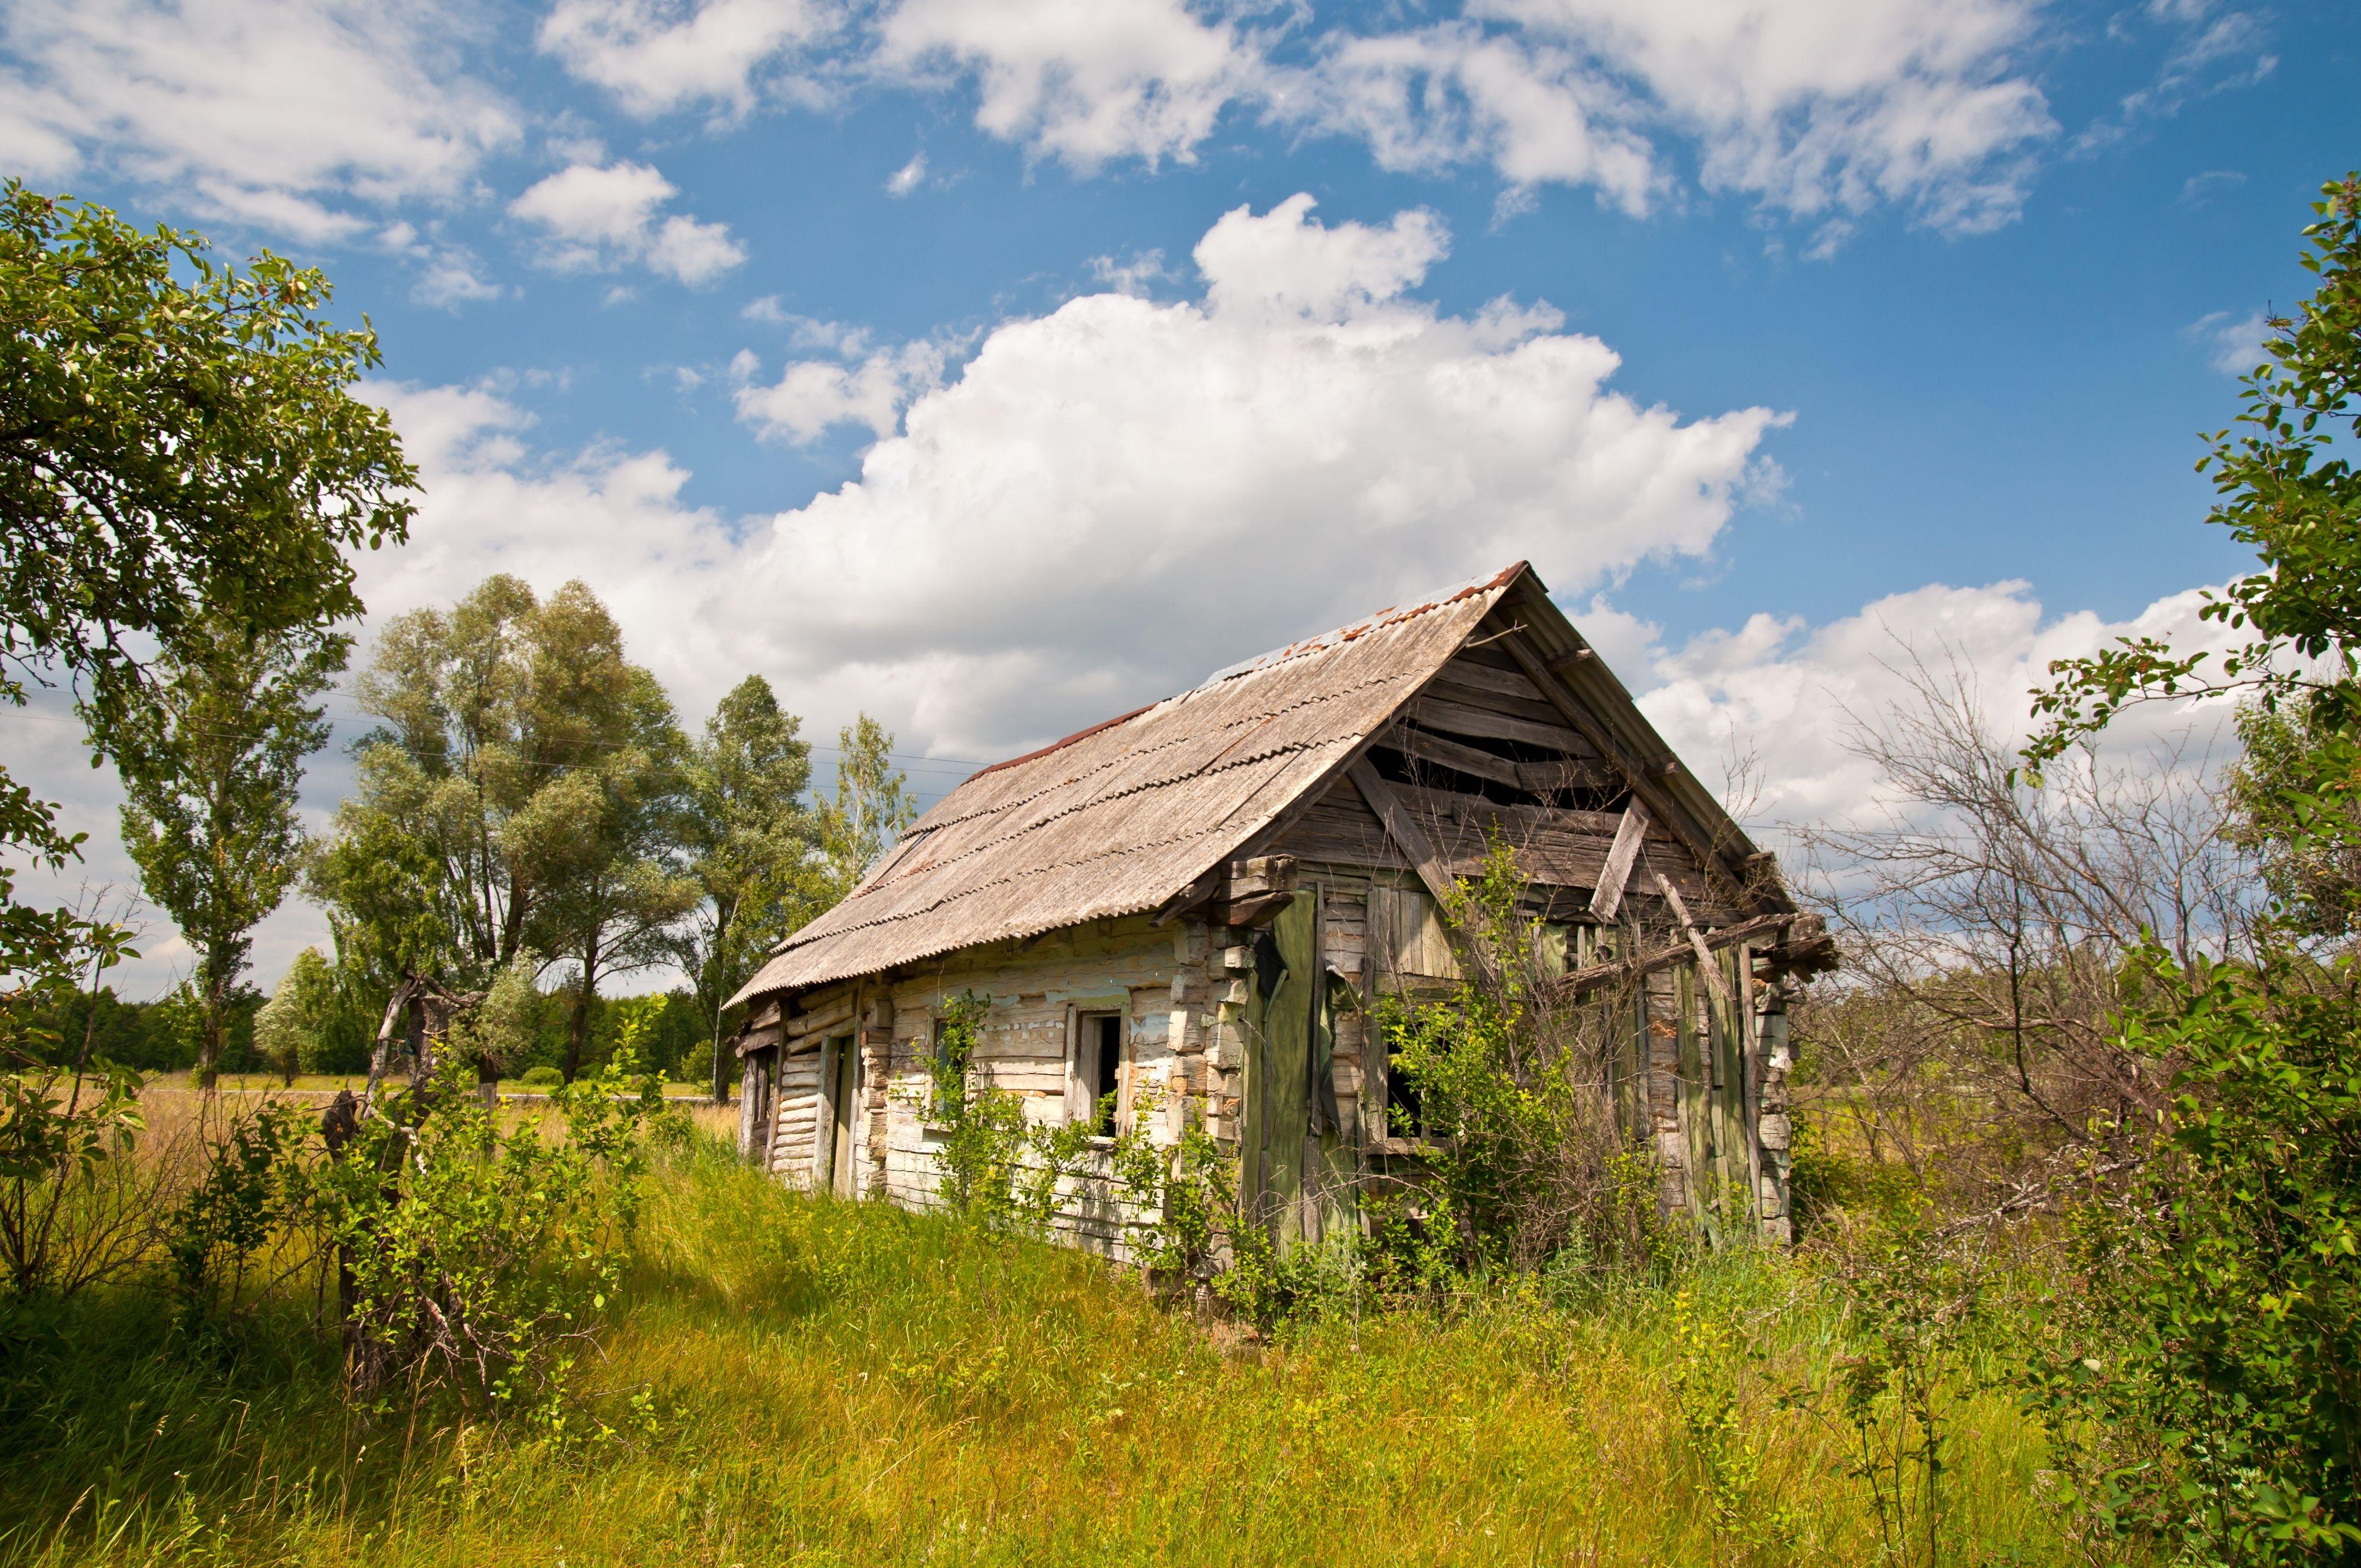 I den lille landsbyen utenfor selve anlegget finnes – eller fantes – flere hytter og småhus, og små og større gårder (kombinater). Her er det fremdeles folketomt. Men andre steder, skjult inne i skogene, finnes små hus med hageflekker hvor det bodde folk ulovlig så tidlig som i 1989. Myndighetene så gjennom fingrene med dette, siden dette ofte var eldre mennesker som ville tilbringe de siste årene på hjemstedet sitt.